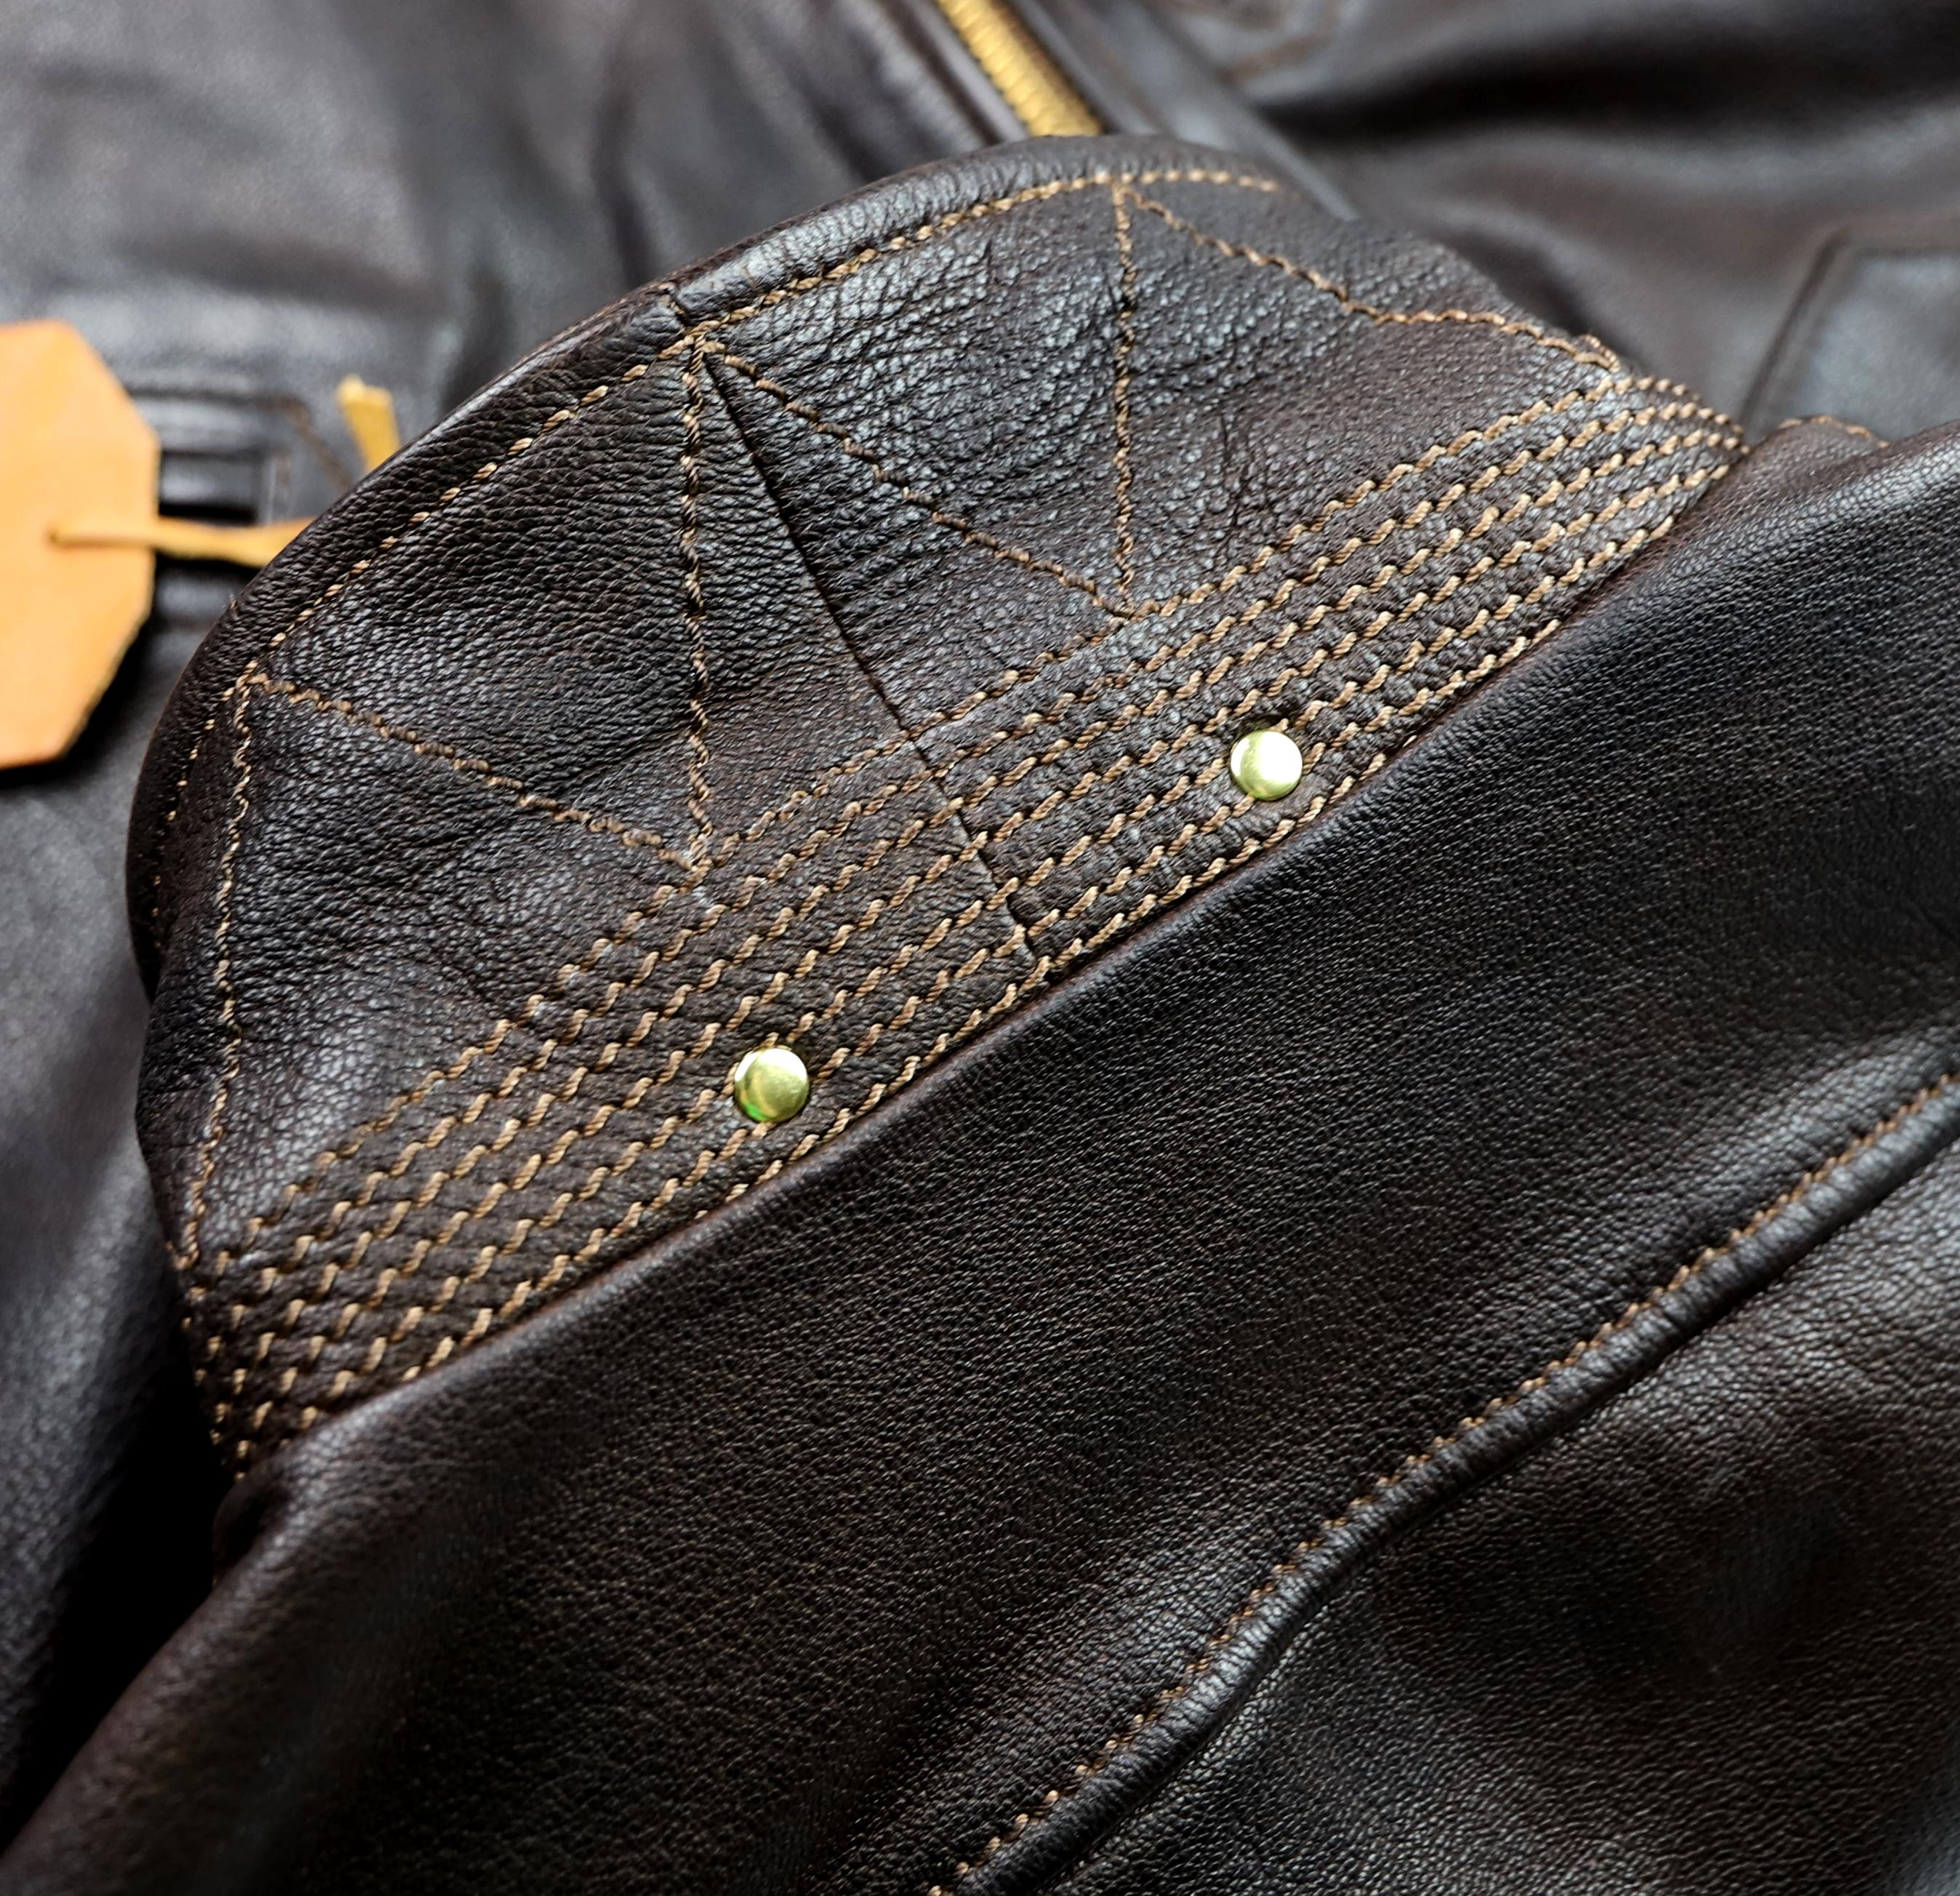 Thedi Evander Crosszip Half Belt Brown Goatskin MWC collar stitching.jpg